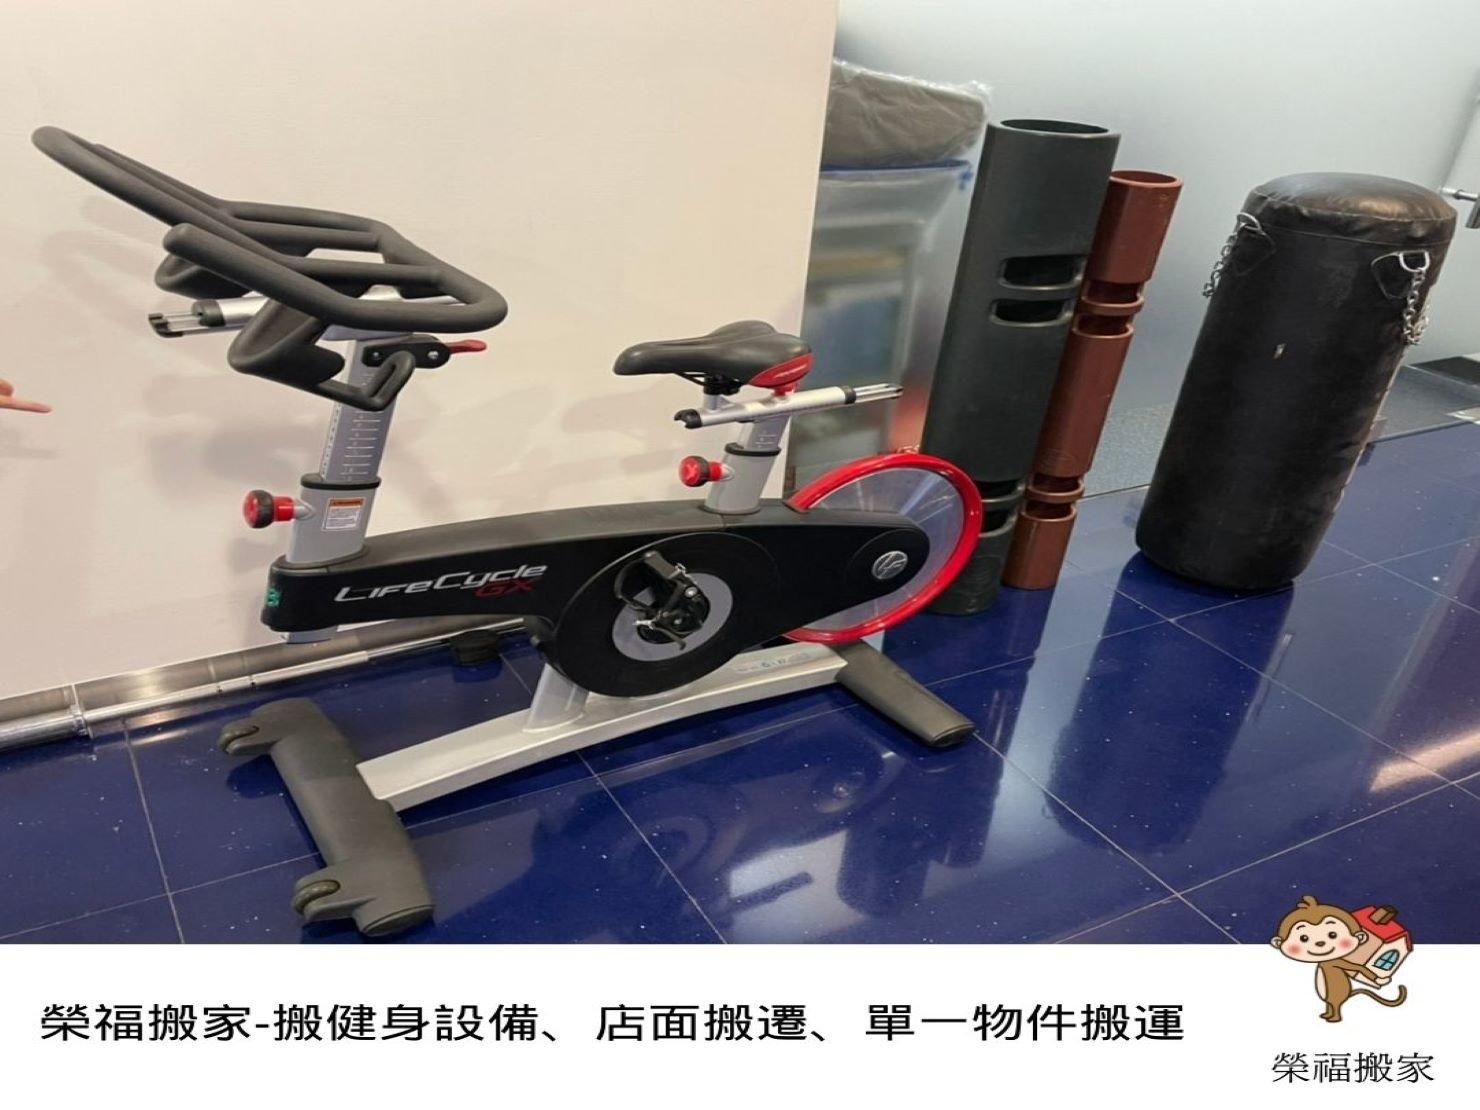 【店面搬遷】健身中心搬大型健身器材、設備,榮福搬家專業搬運快速完成搬遷